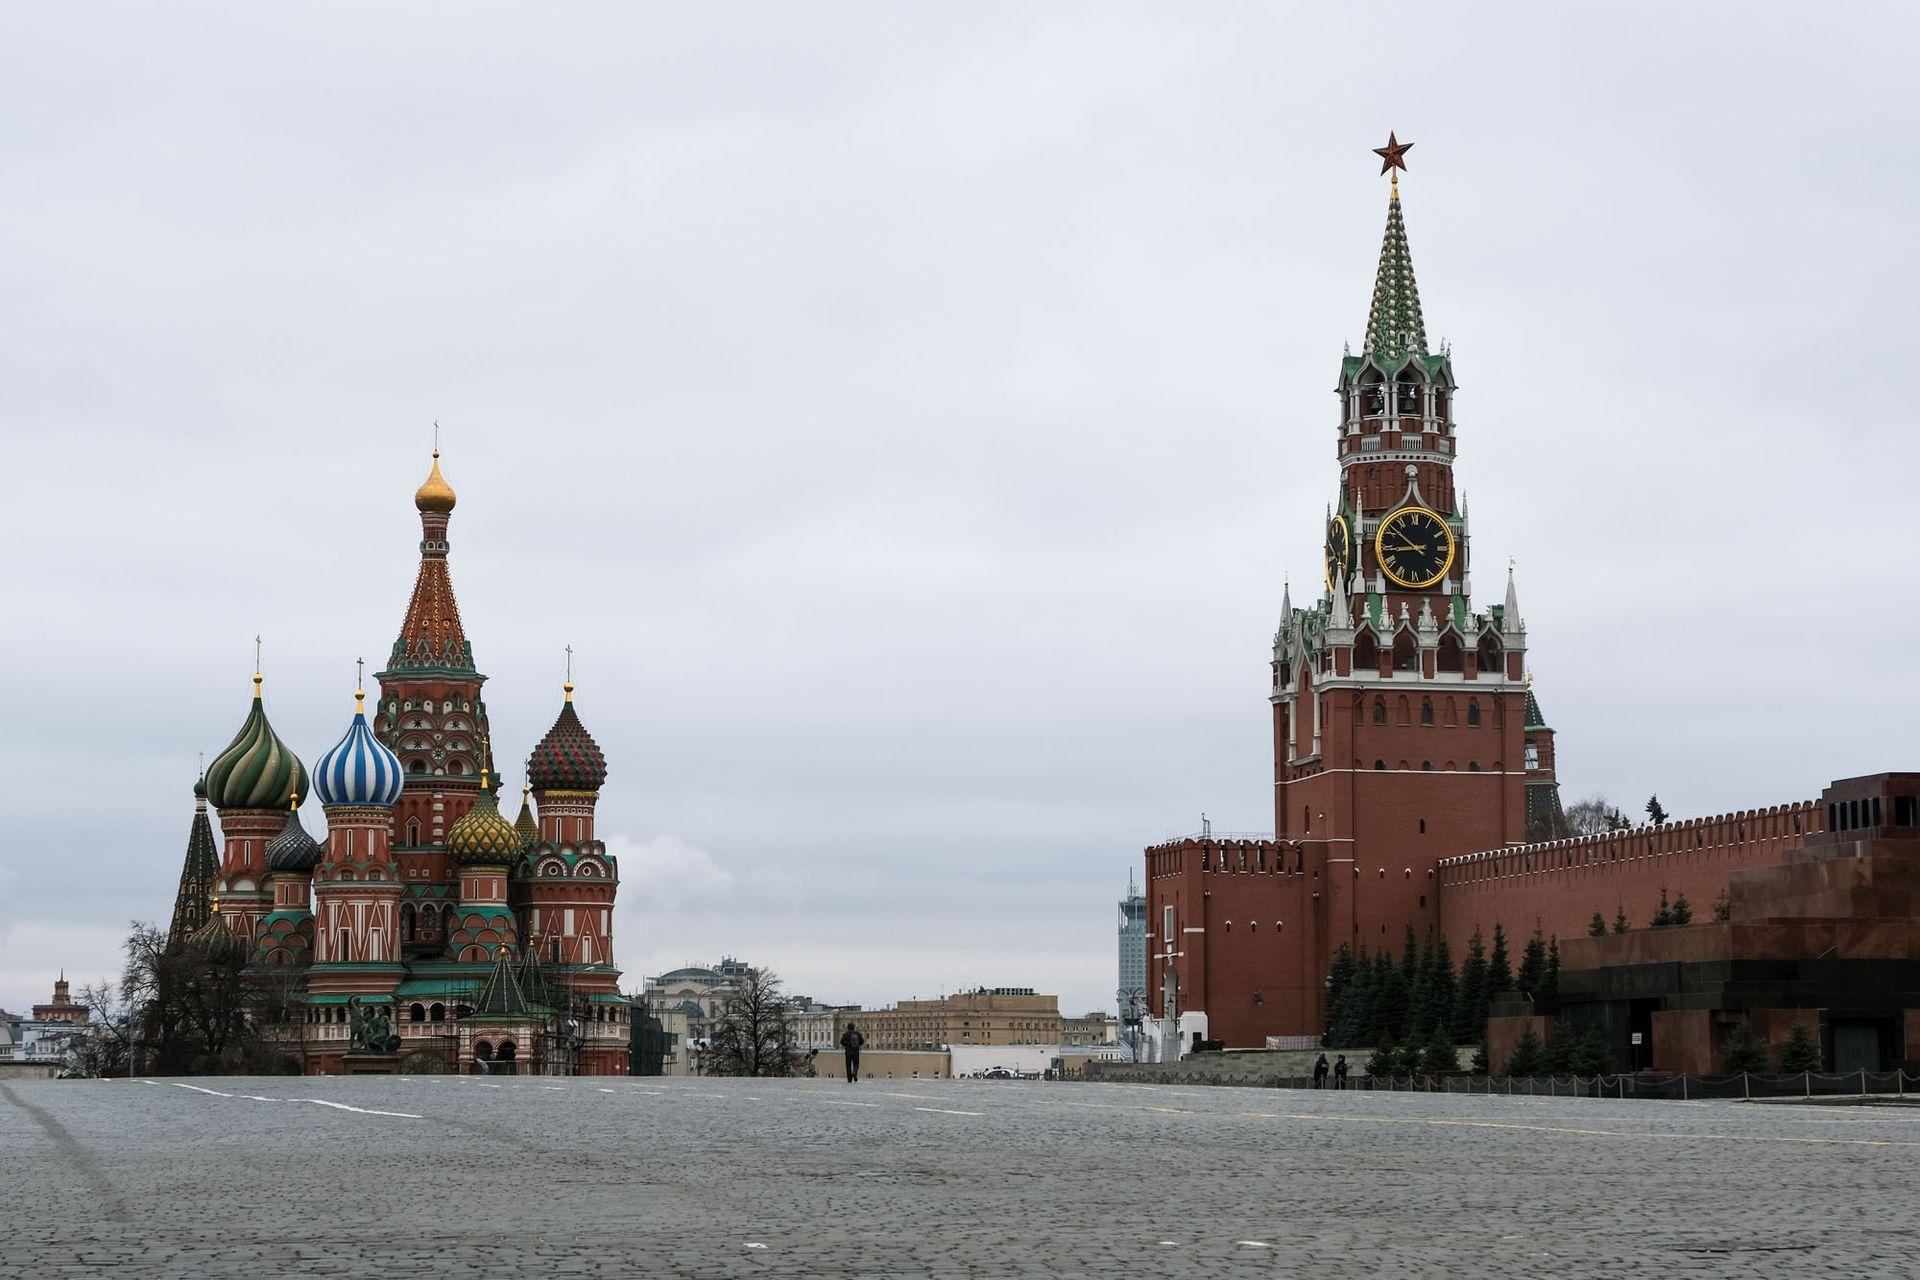 Vista de la Plaza Roja de Moscú, Rusia